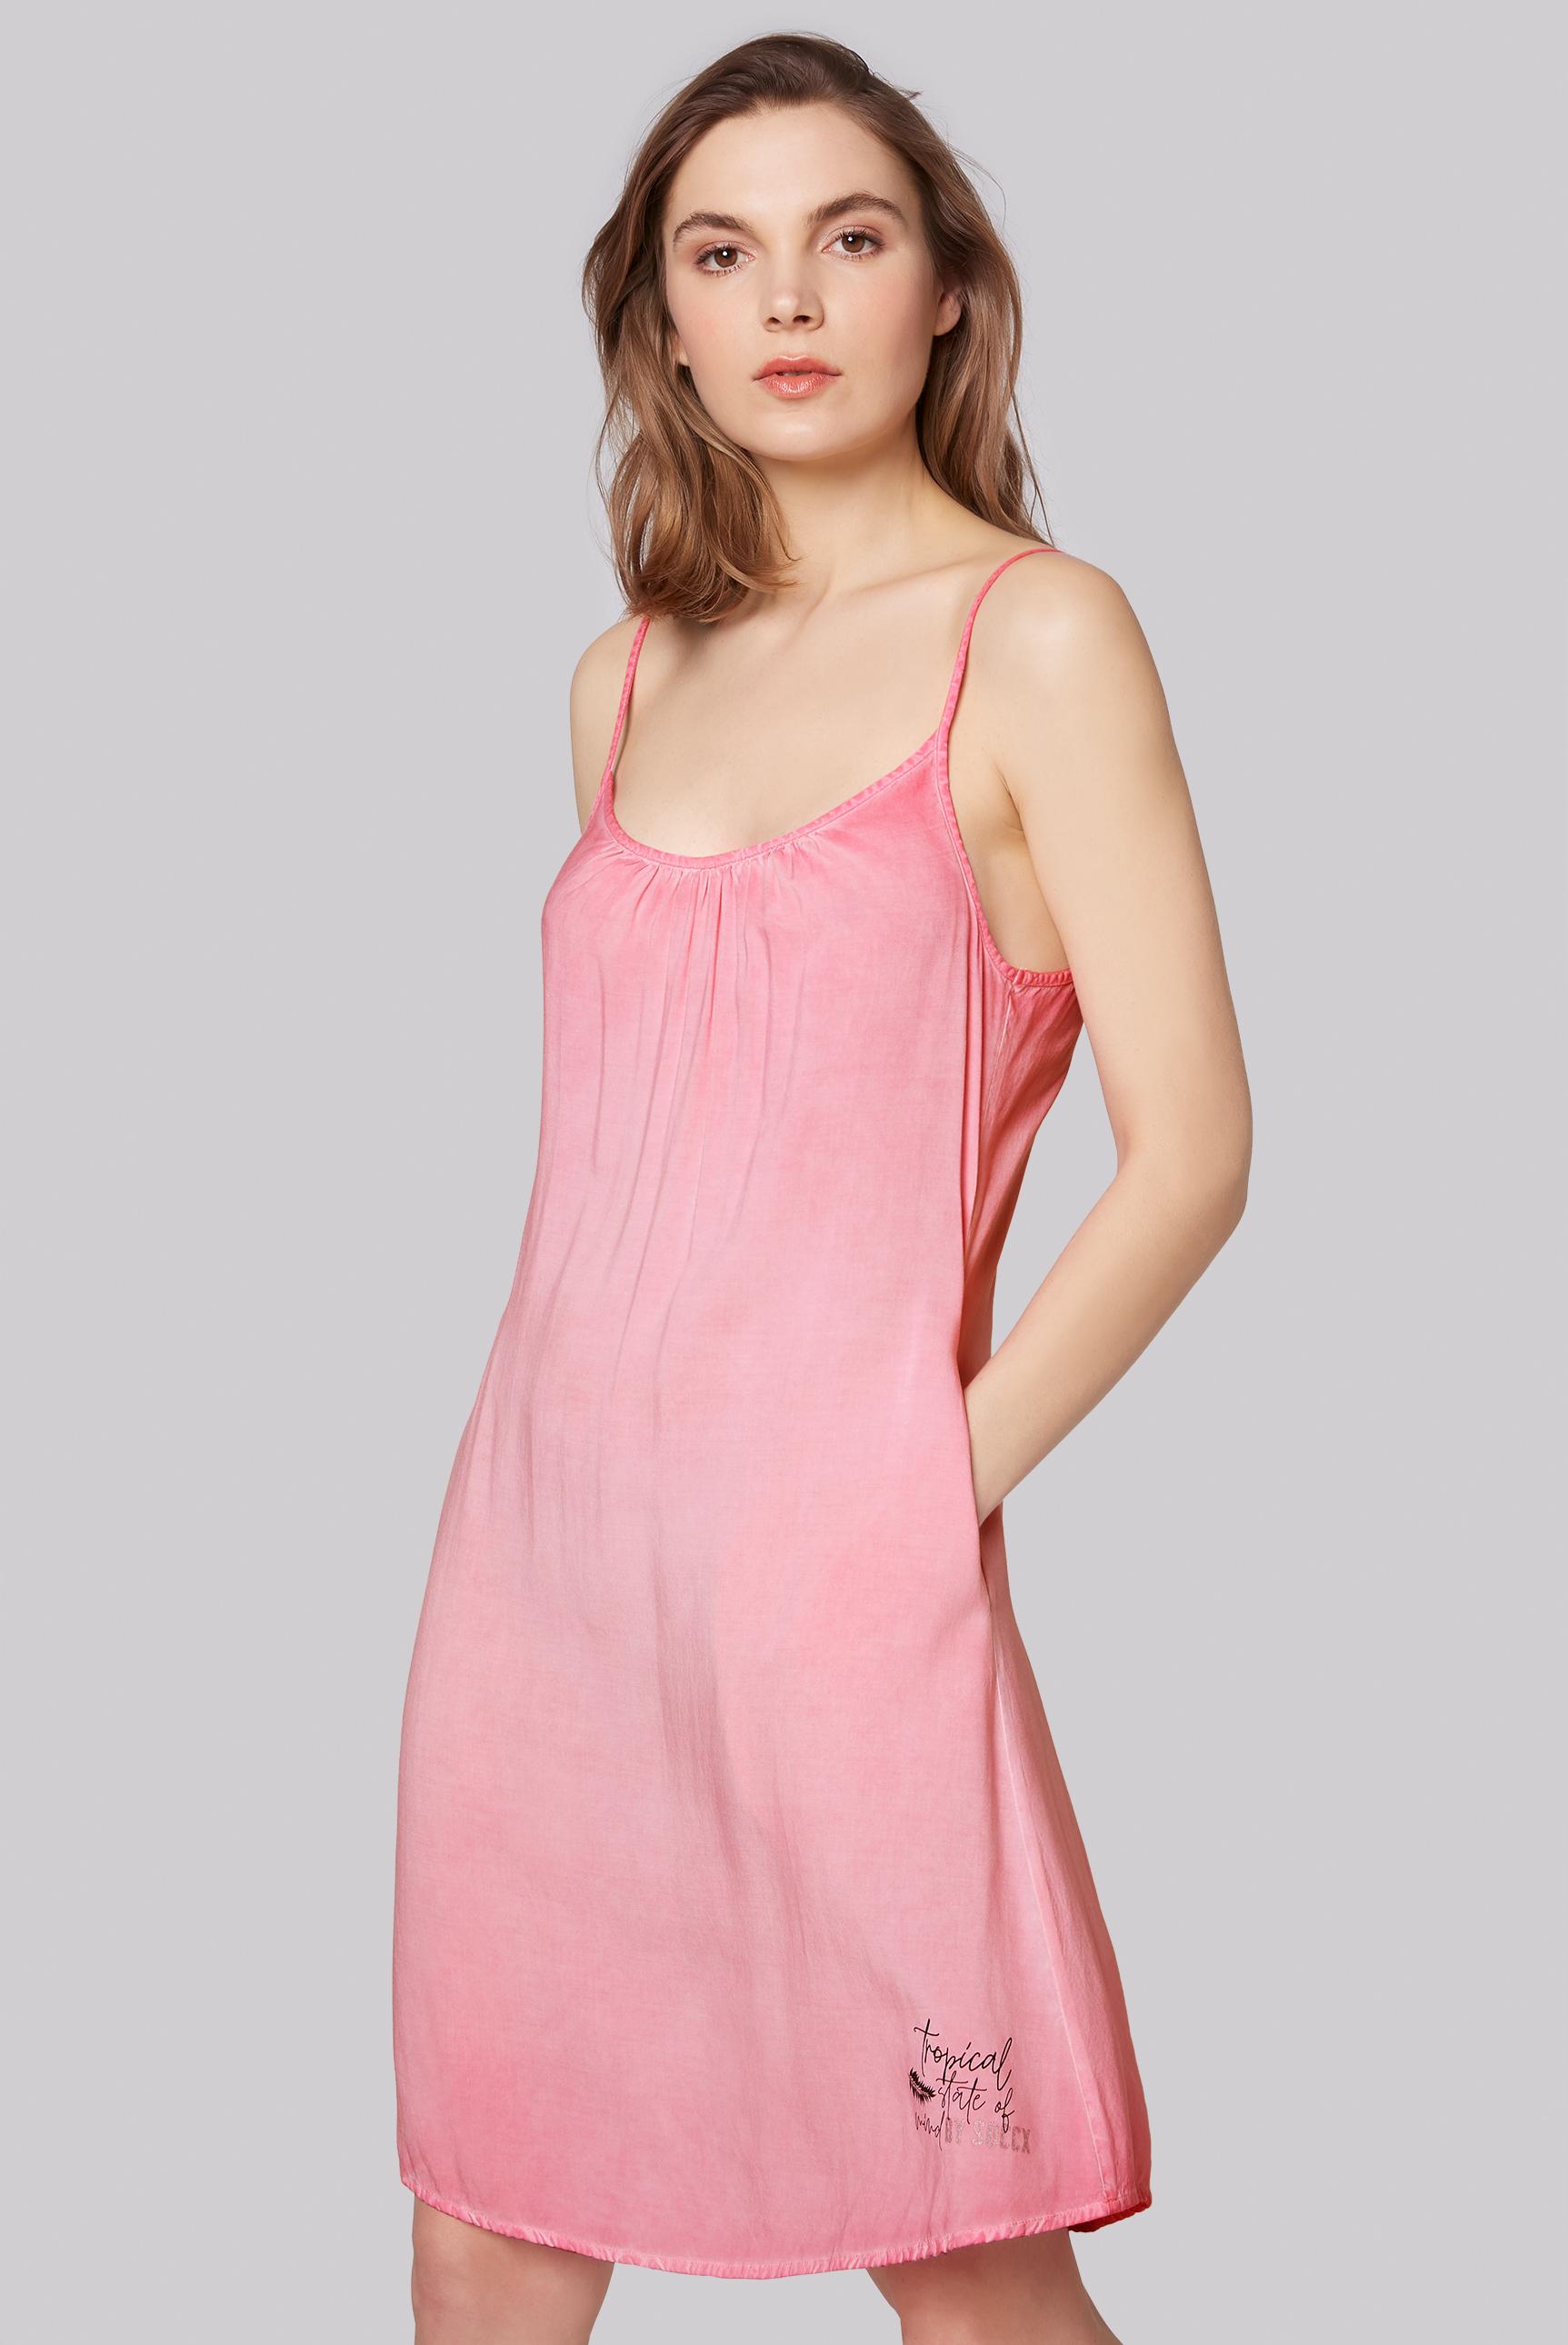 Sommerkleid mit Träger-Design am Rücken